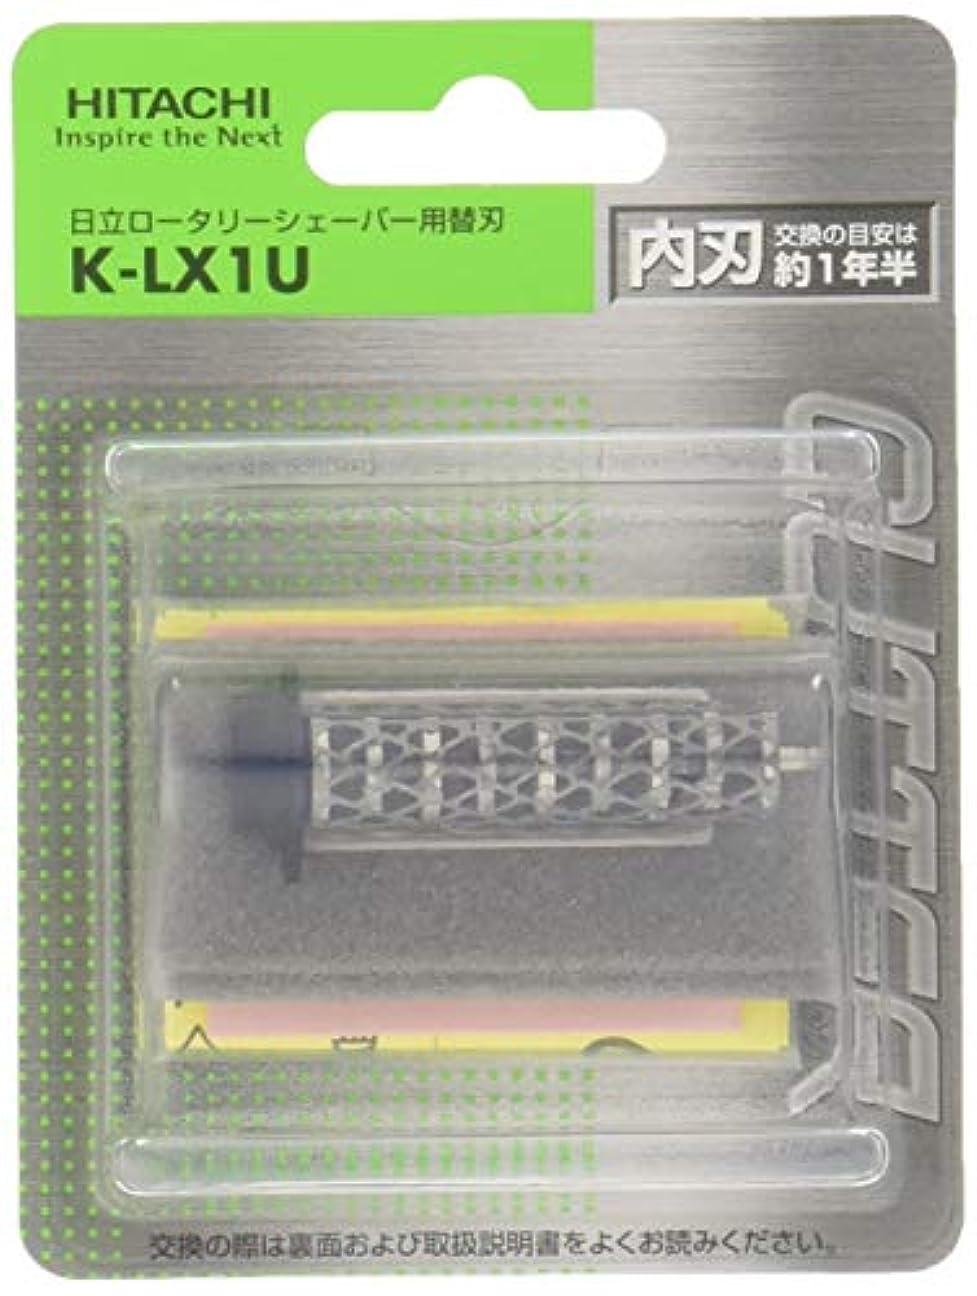 サーカス疎外する序文日立 シェーバー用替刃(内刃) K-LX1U